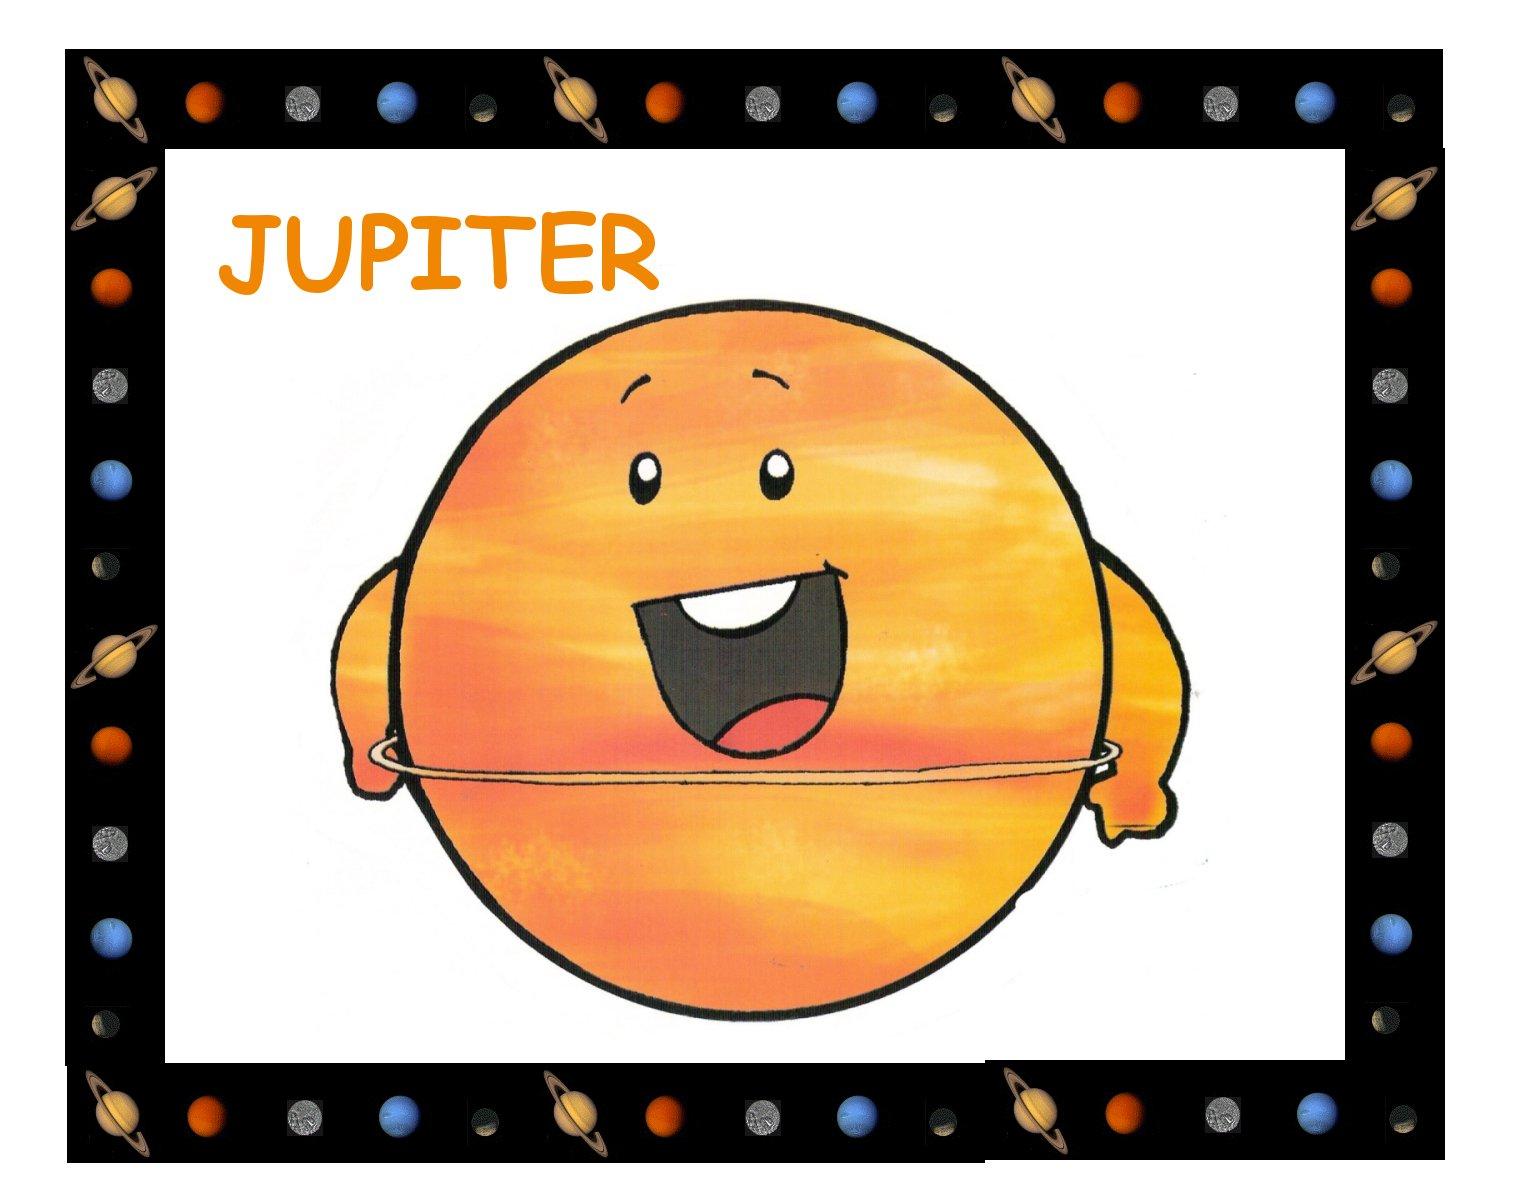 07JUPITER-1